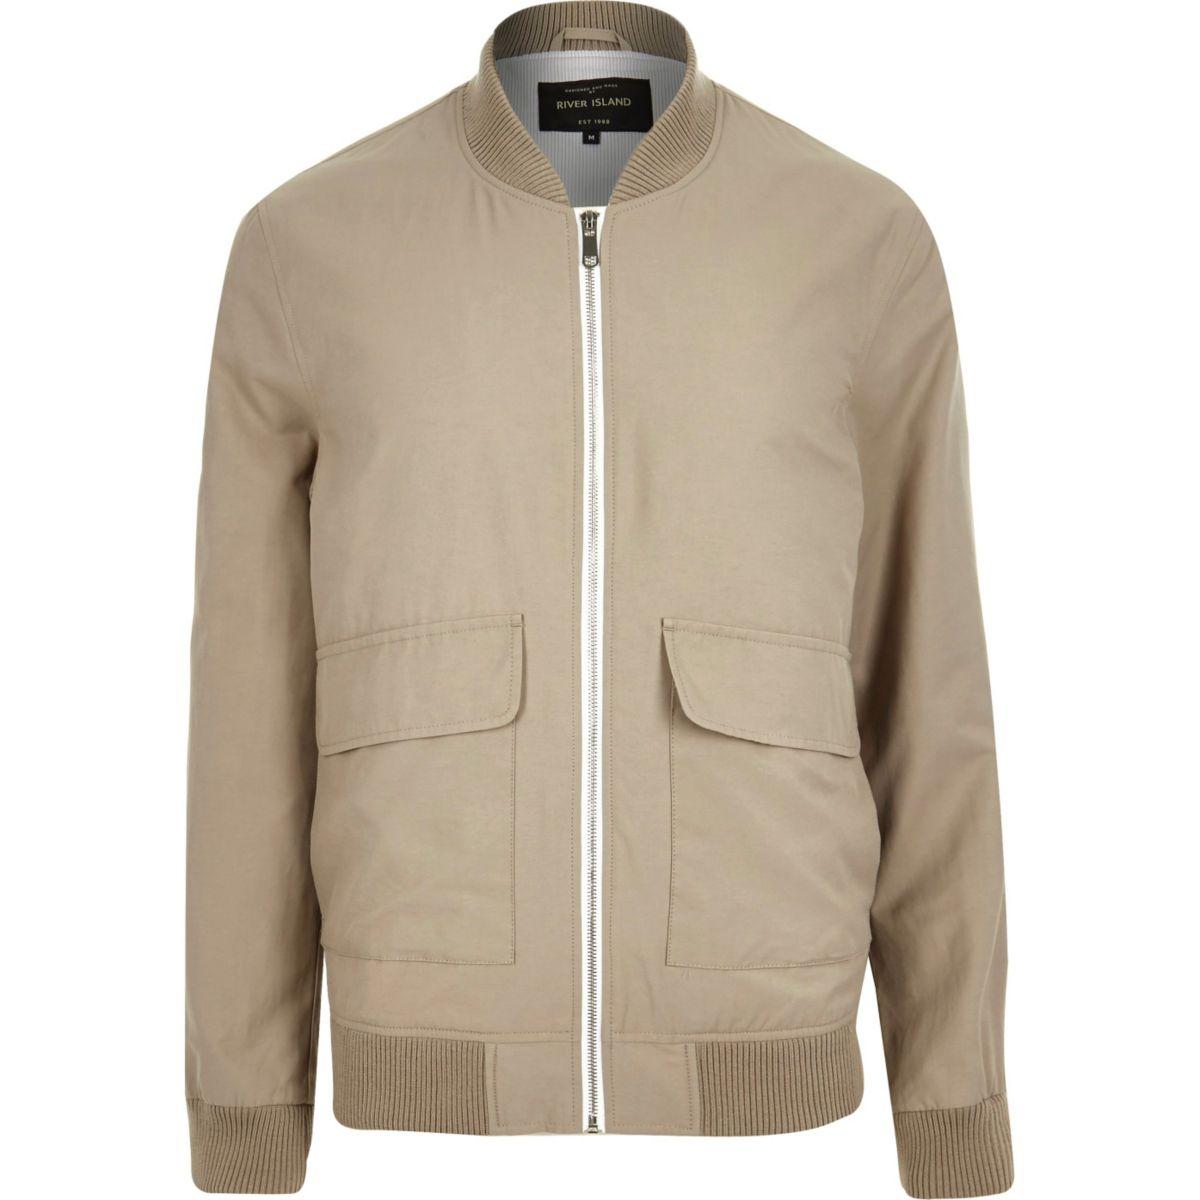 Stone beige bomber jacket